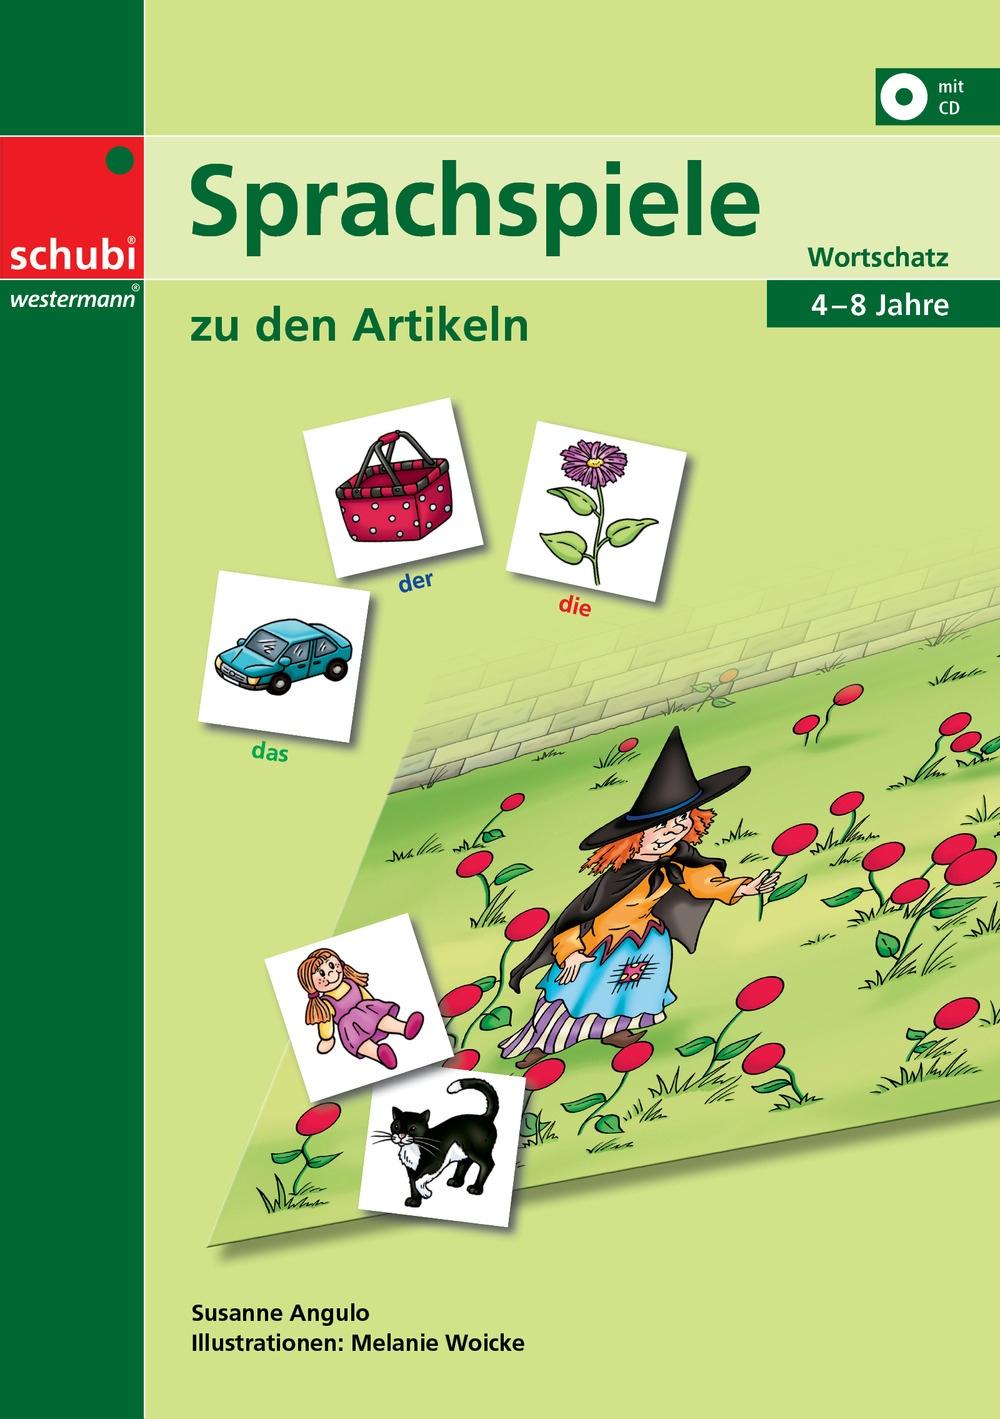 Arbeitsblatt Zu Den Artikeln: Sprachspiele zu den artikeln schubi ...